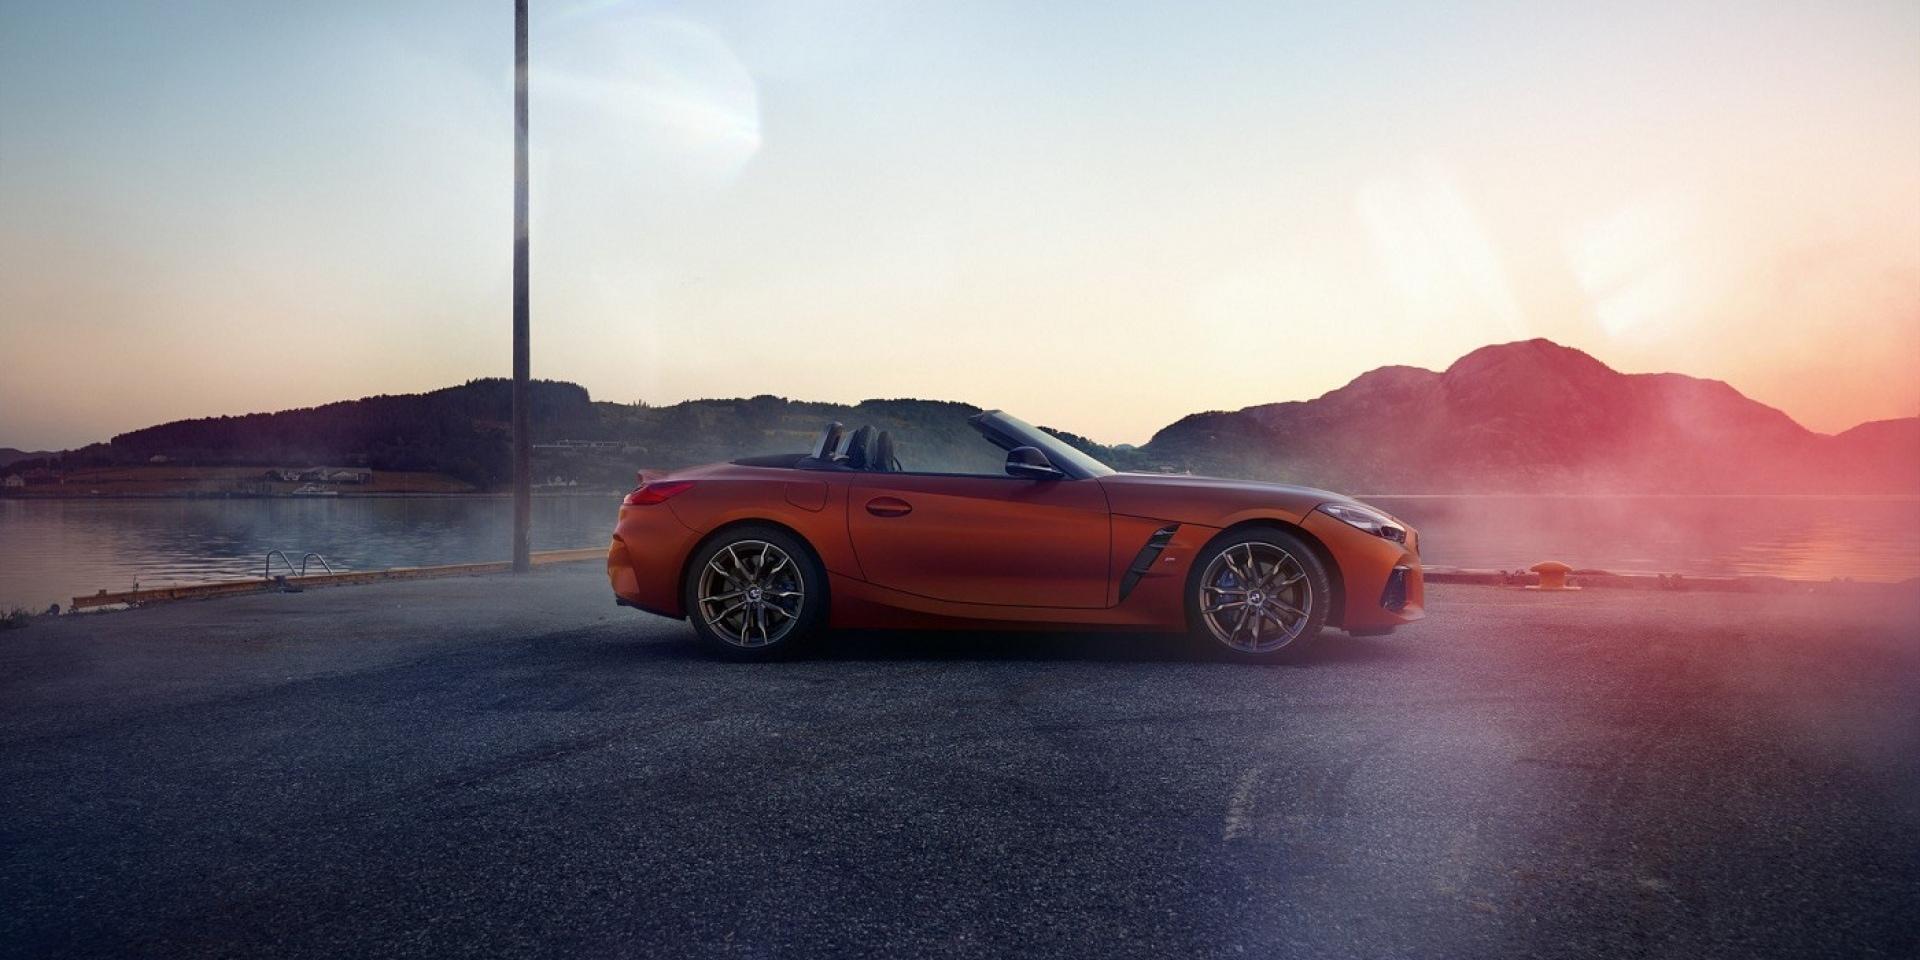 本月加州圓石灘車聚,BMW將發表全新世代Z4